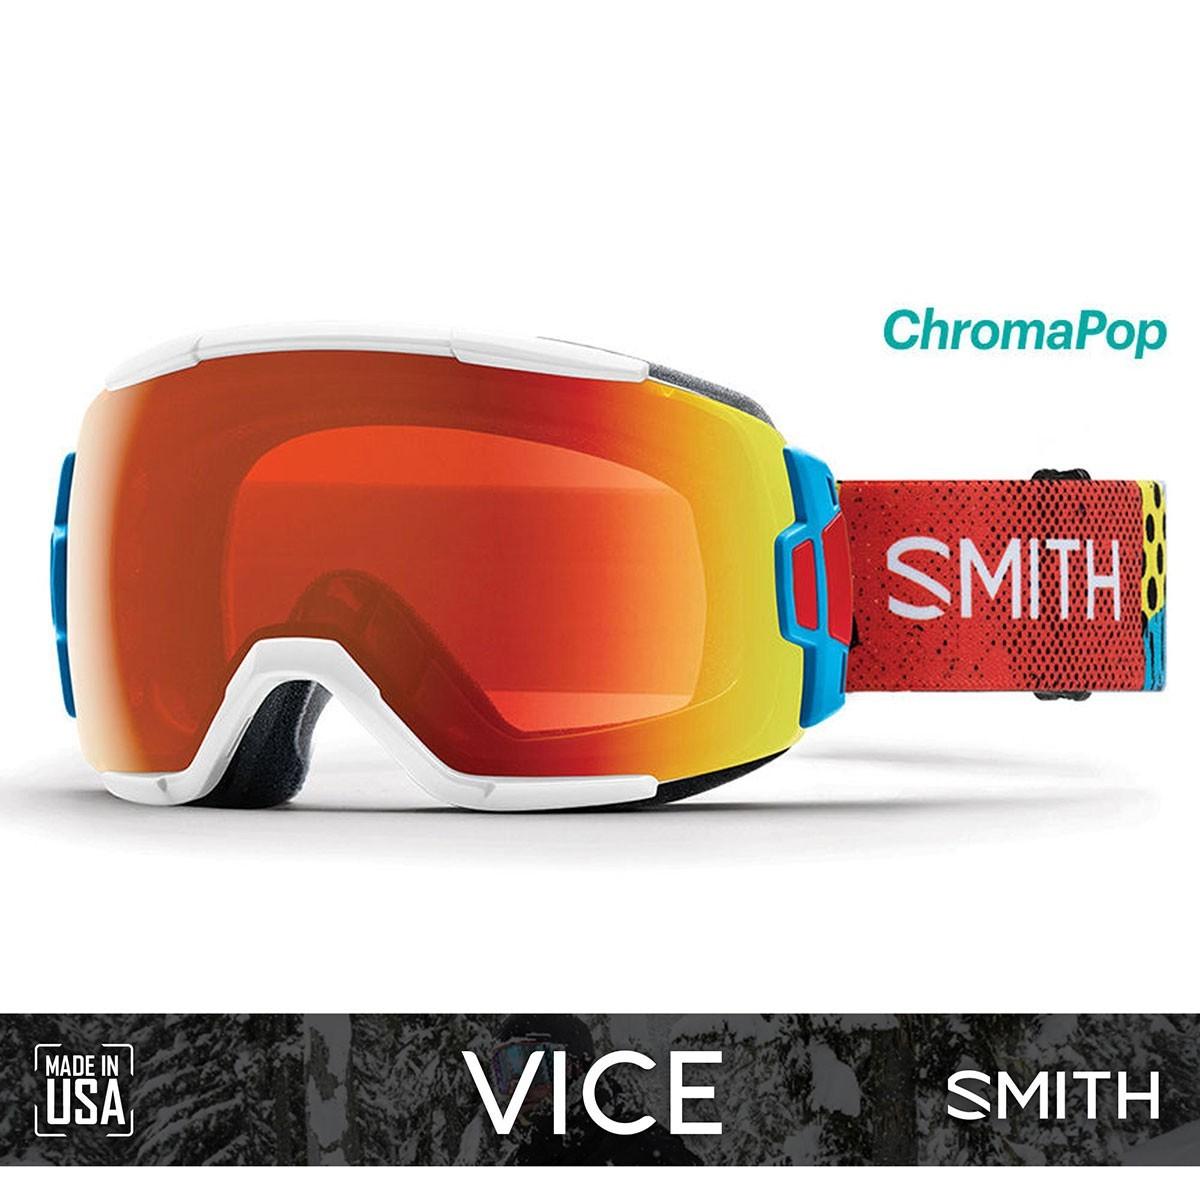 SMITH VICE Burnside | S2 CHROMAPOP Everyday Red Mirror - Изображение - AQUAMATRIX